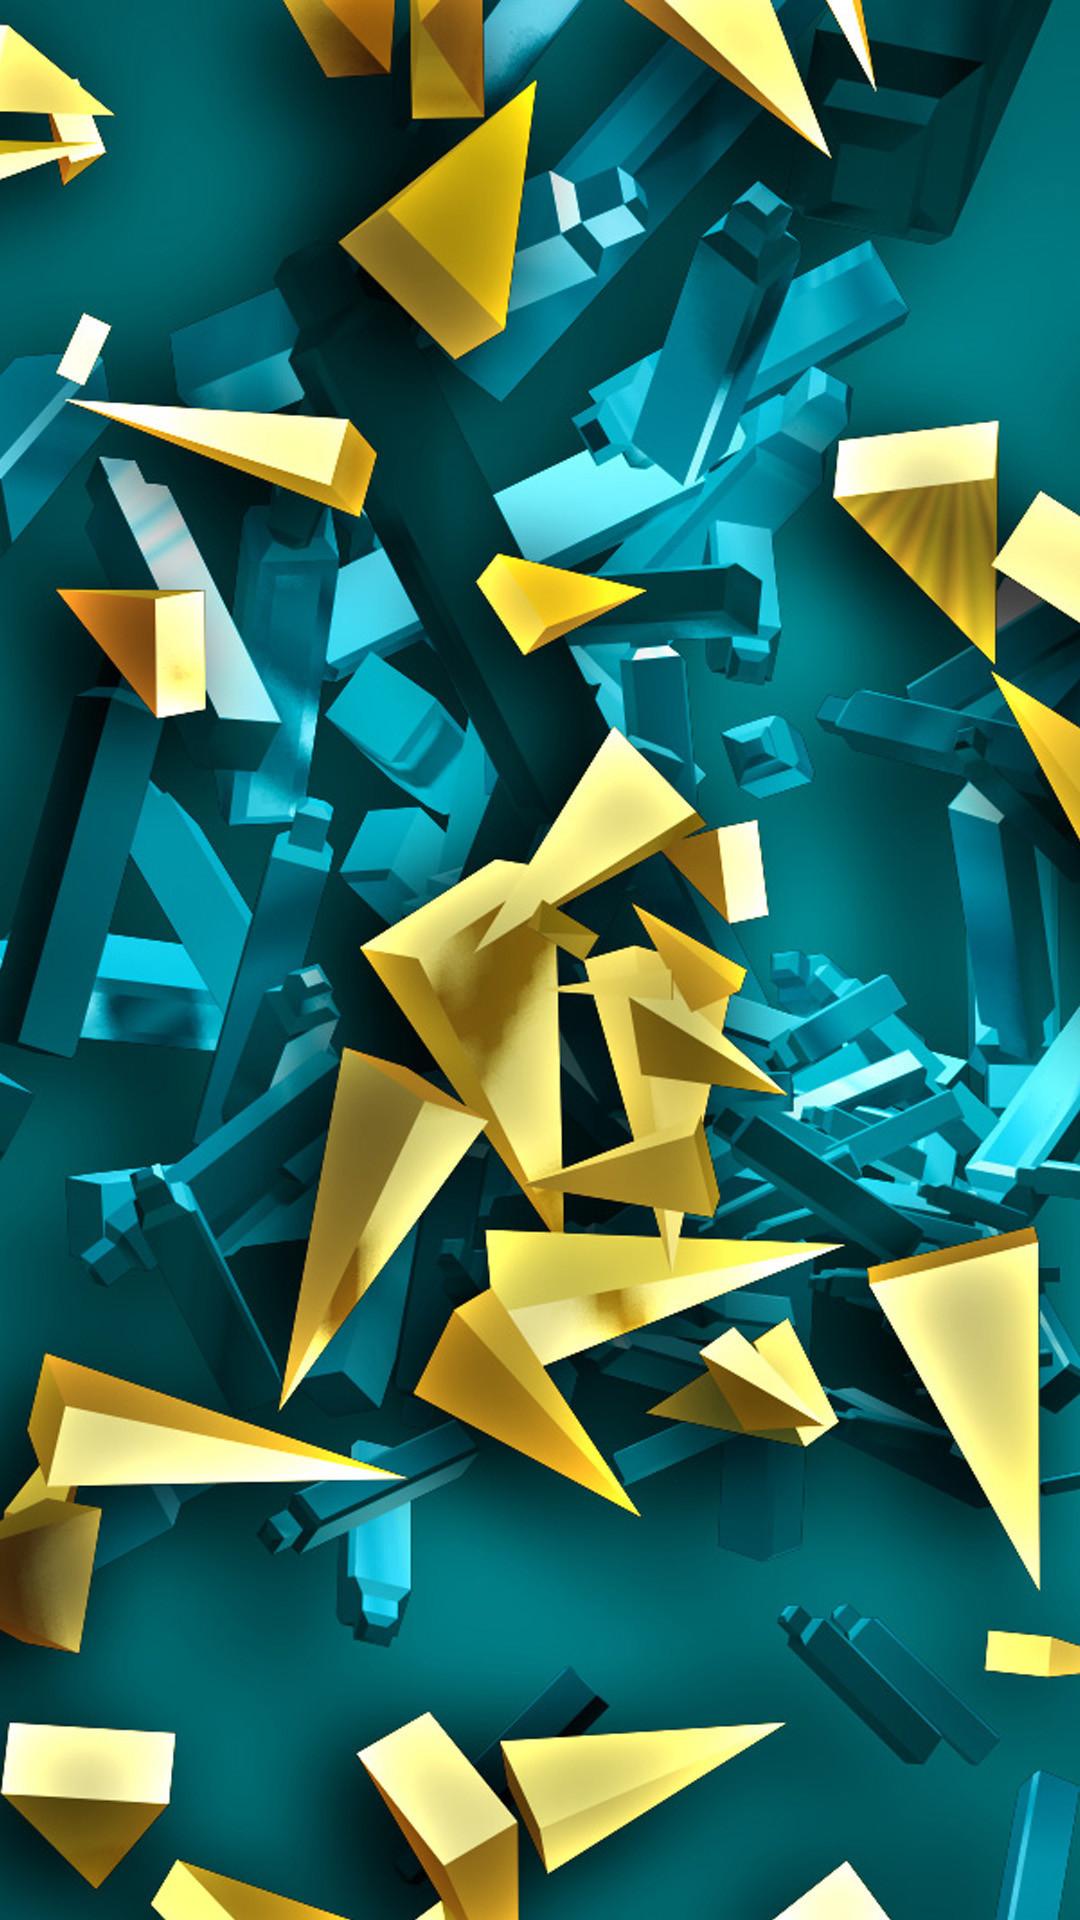 Bape Camo Wallpaper Hd 64 Images